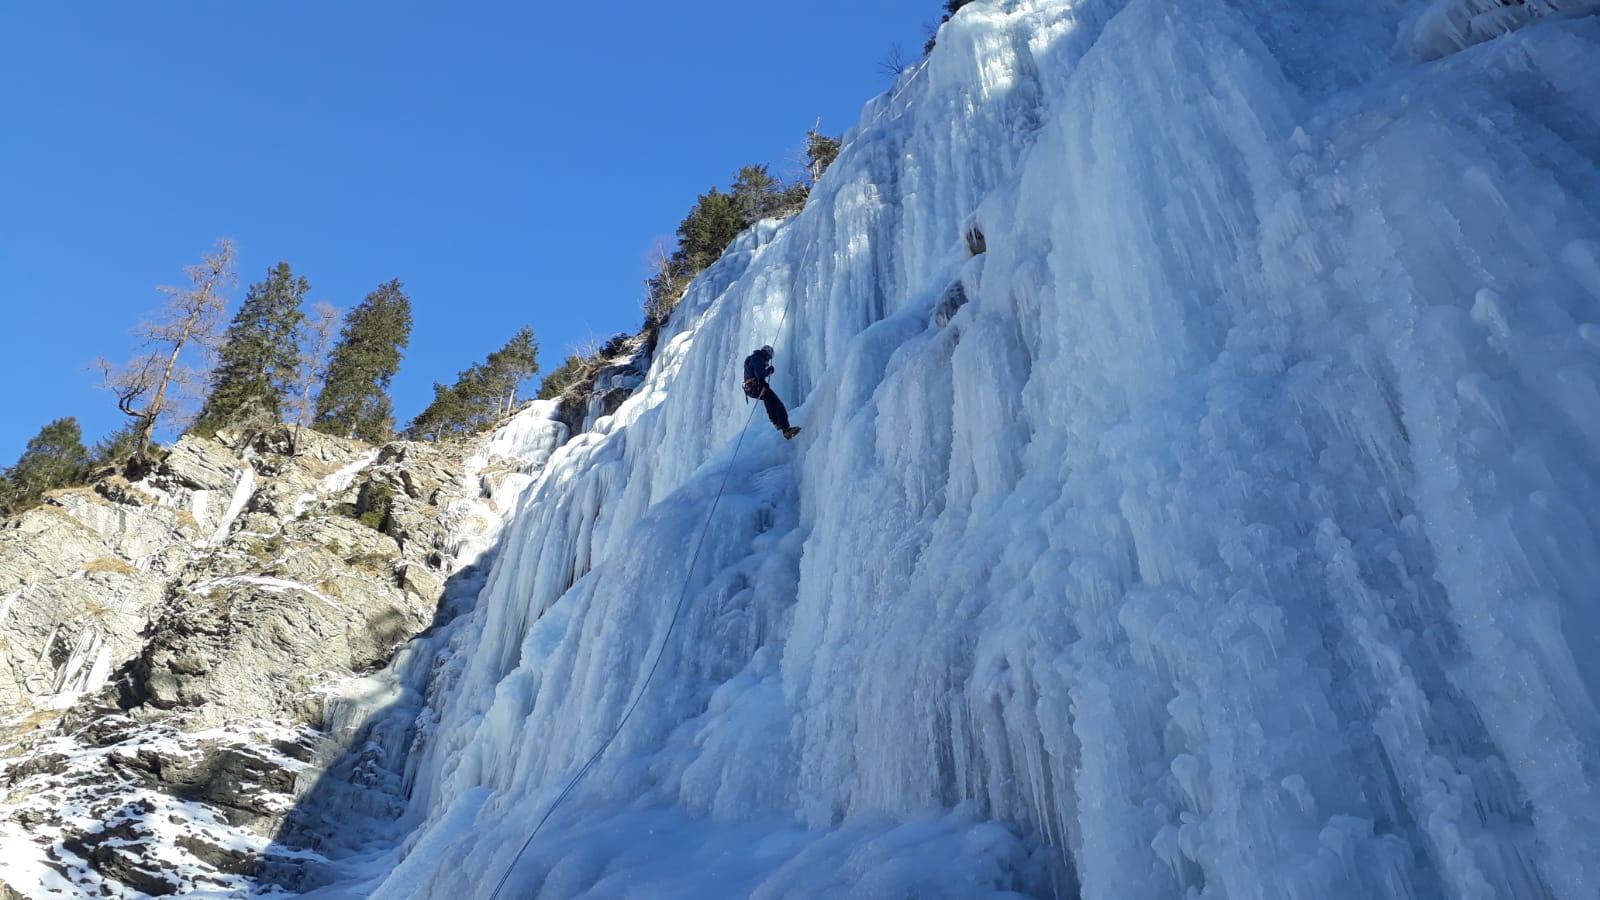 Perfekter Eisfall im Lechtal